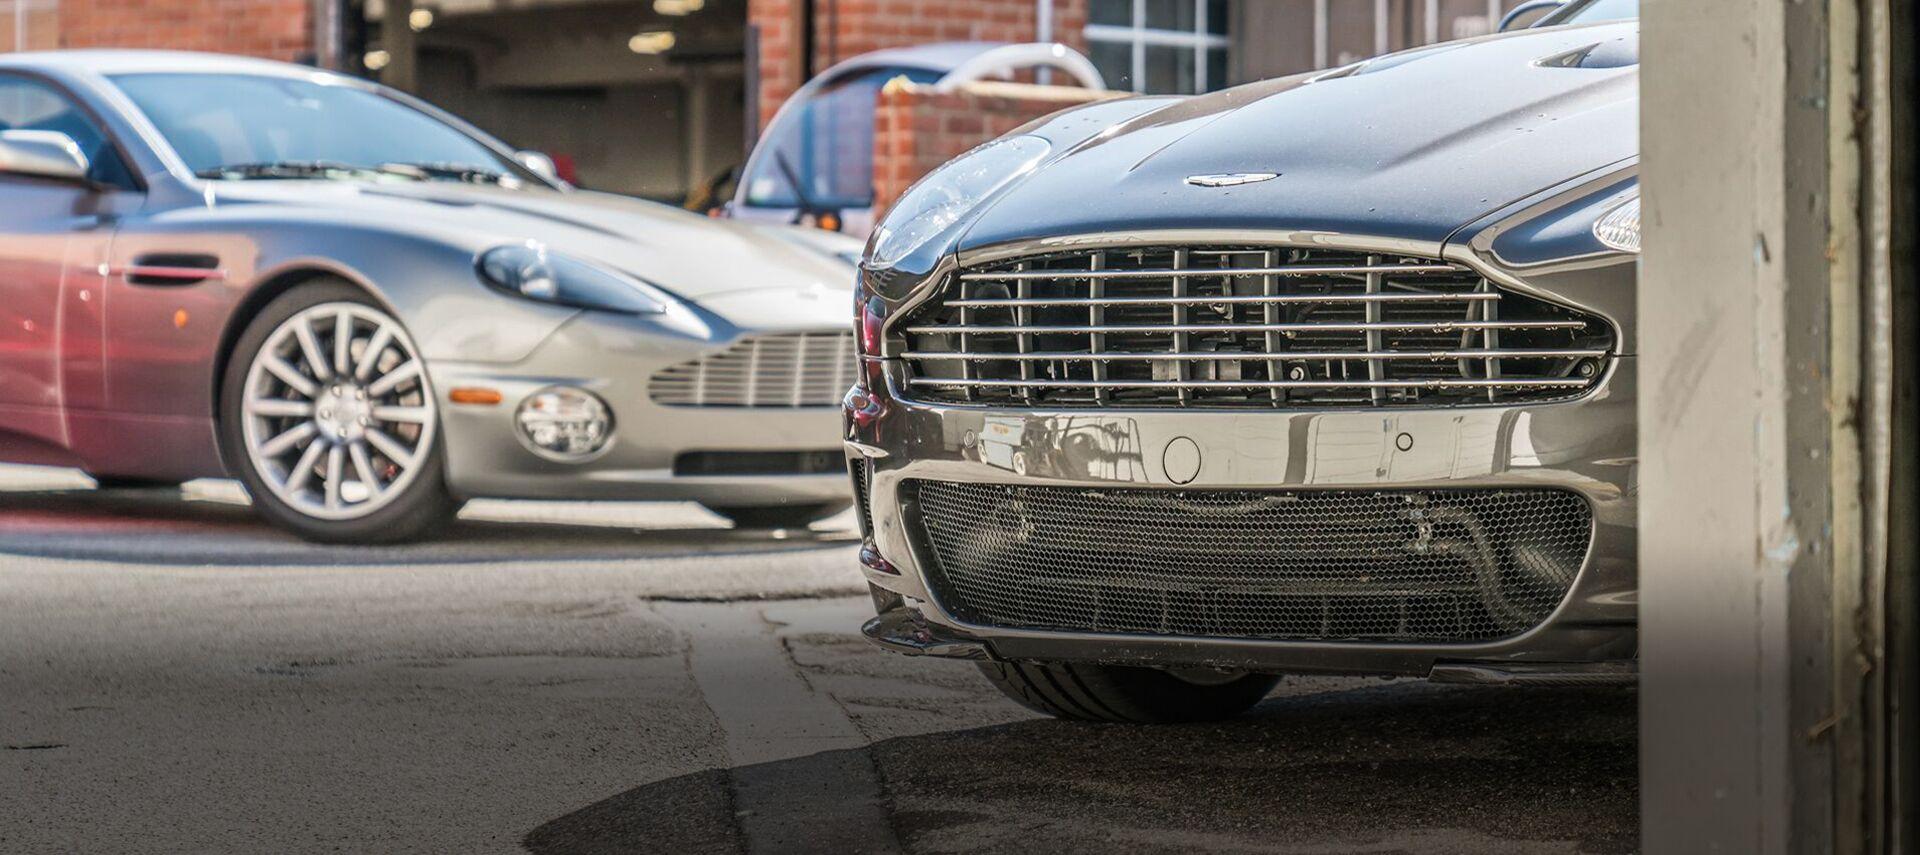 Aston Martin Beverly Hills An OGara Coach Brand Los Angeles - Aston martin beverly hills